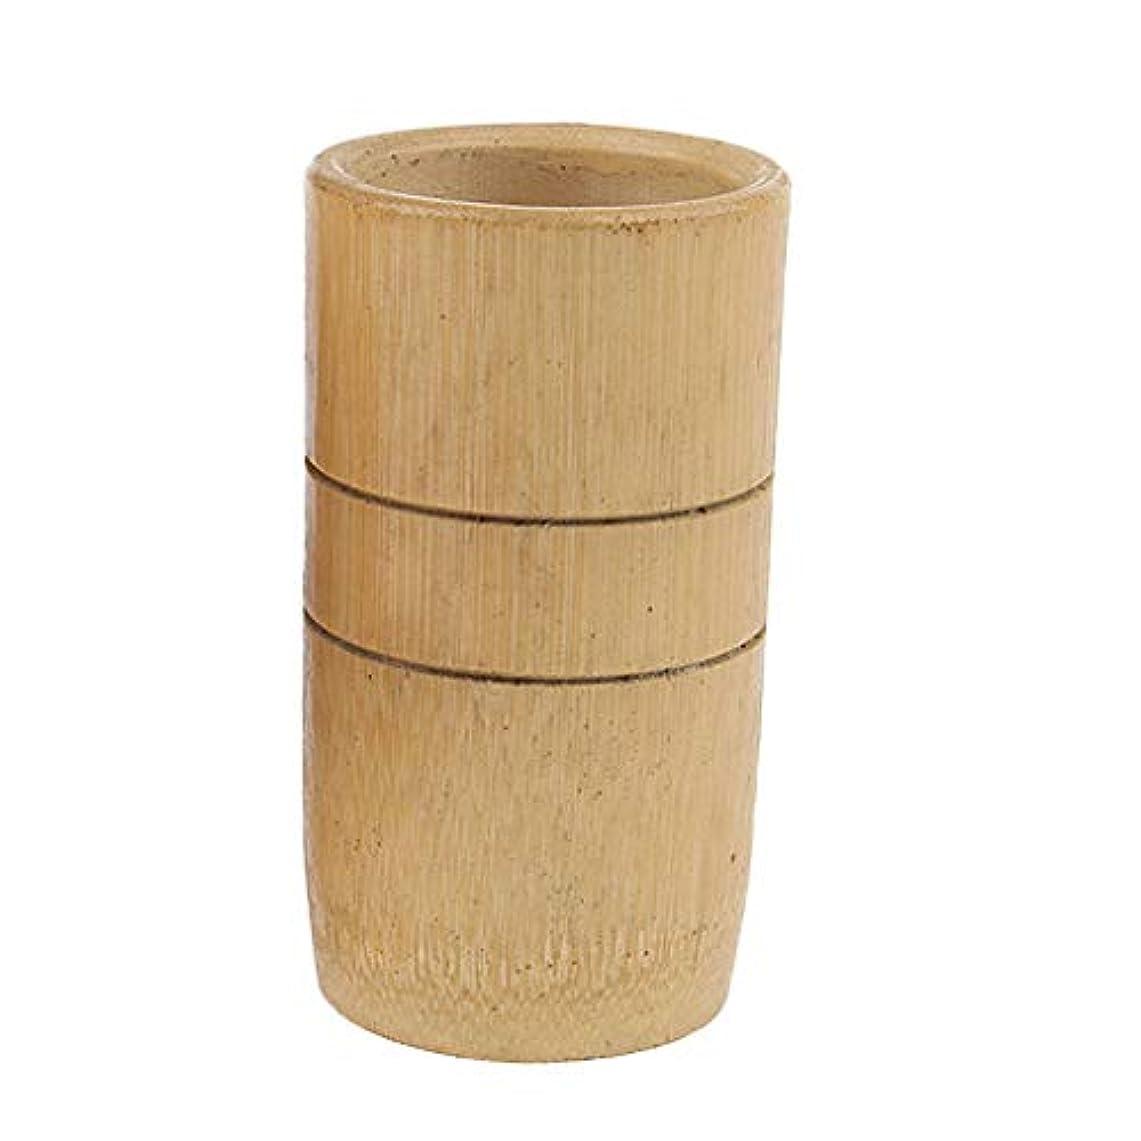 パパ橋脚相互マッサージカップ 吸い玉 カッピング 天然竹製 男女兼用 2個入